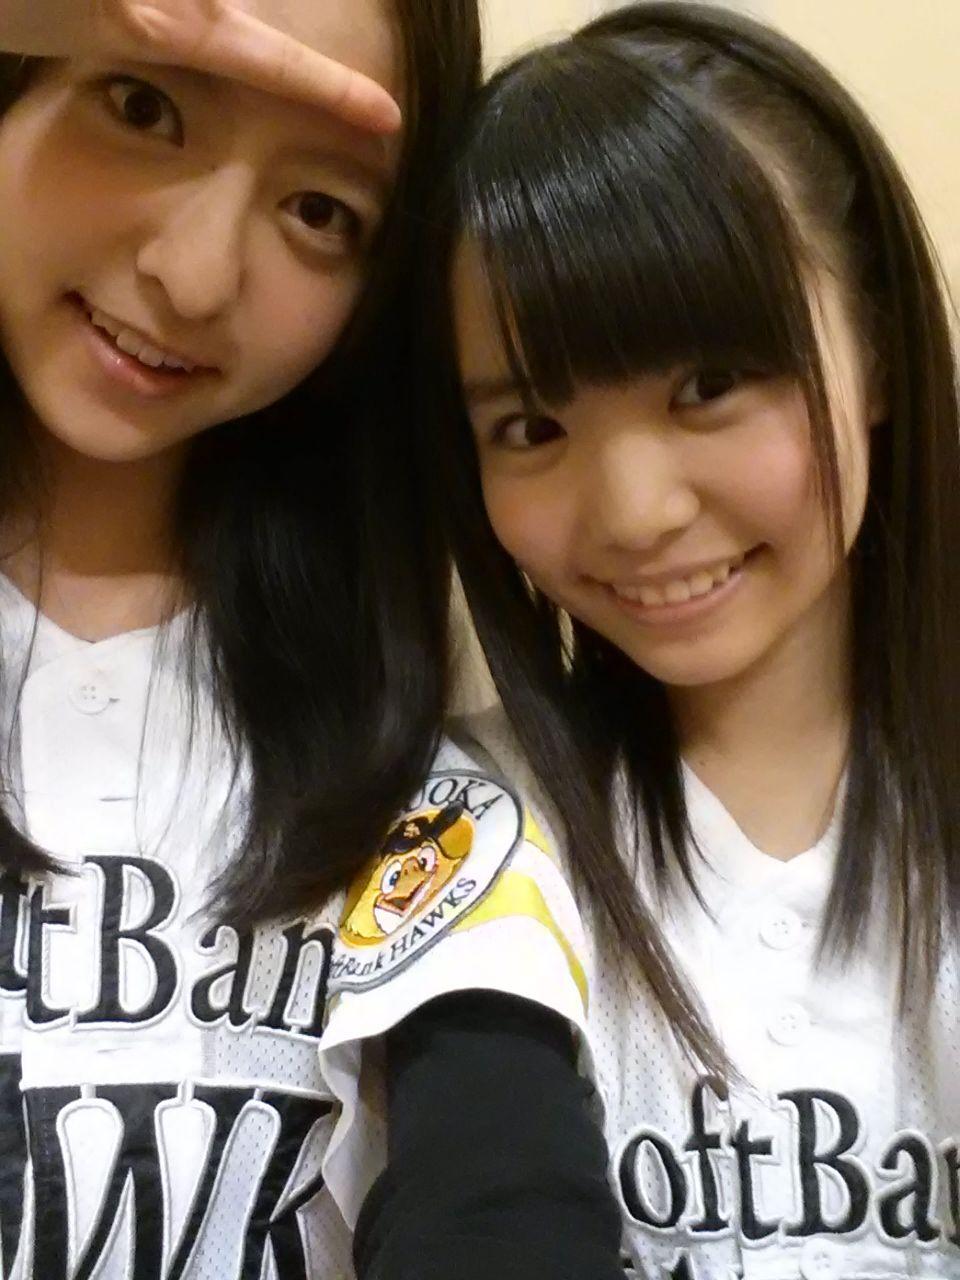 http://livedoor.blogimg.jp/otohaeika/imgs/9/d/9dd609b8.jpg